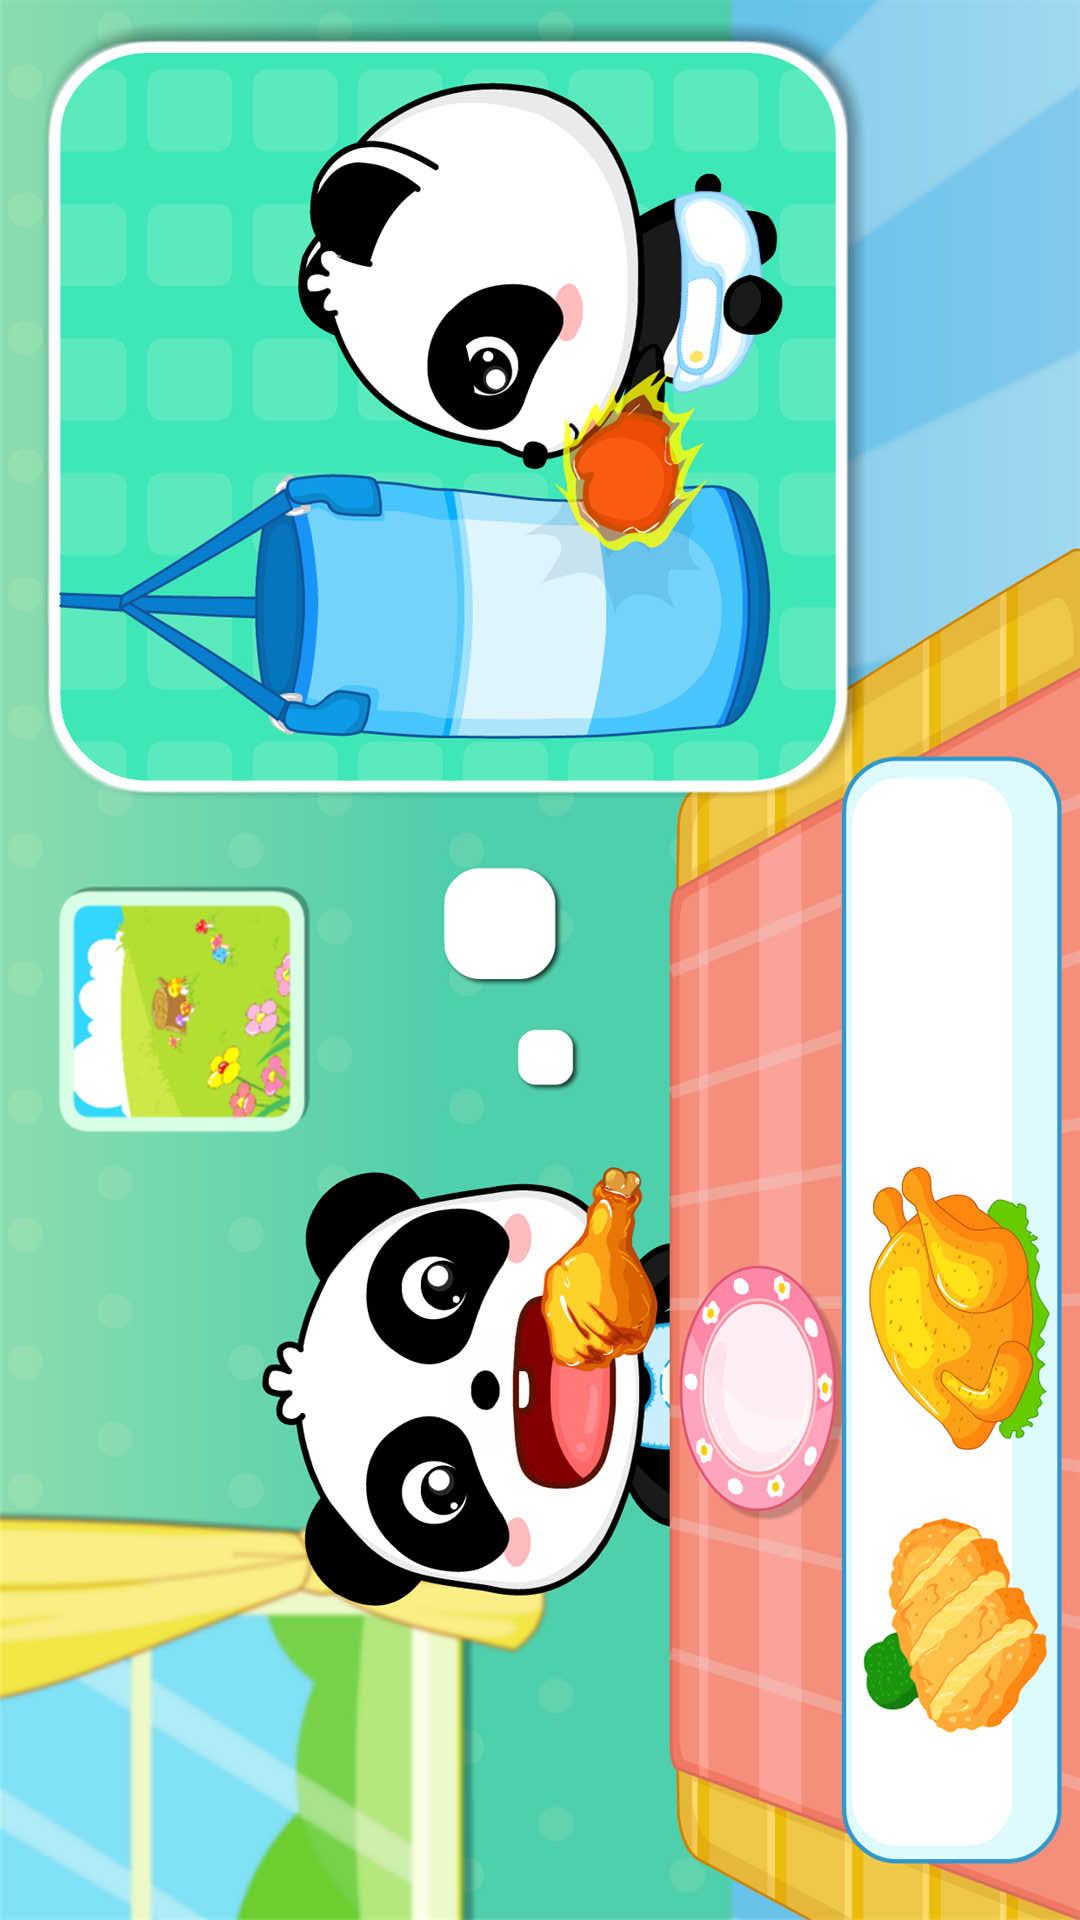 宝宝爱吃饭-宝宝巴士-应用截图